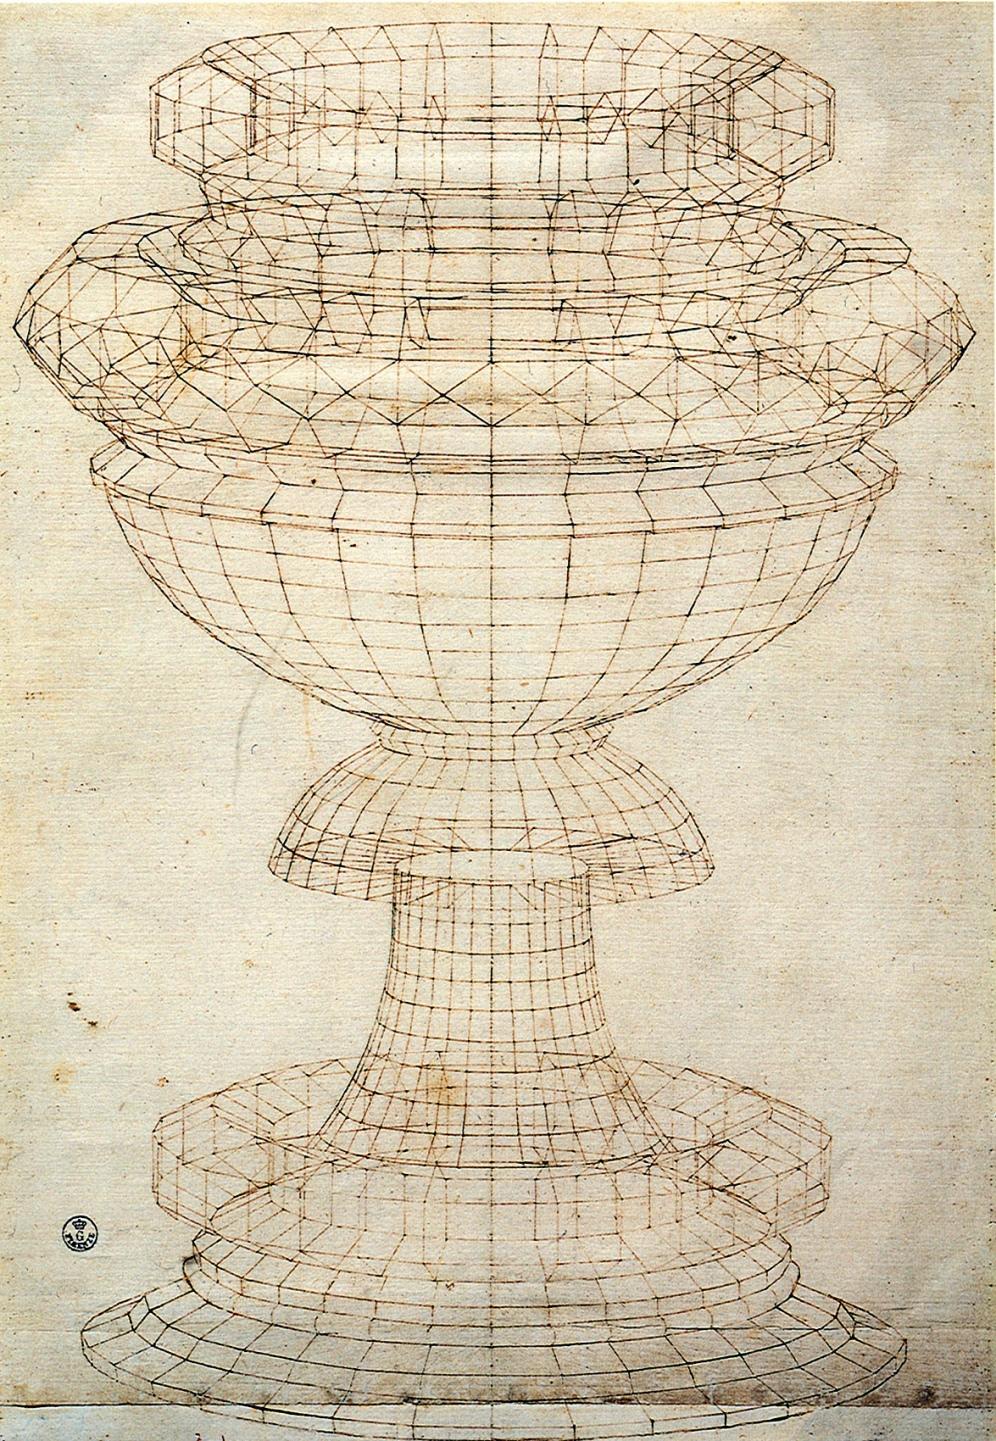 Paolo Uccello, Studio prospettico di calice (terzo quarto del XV secolo)